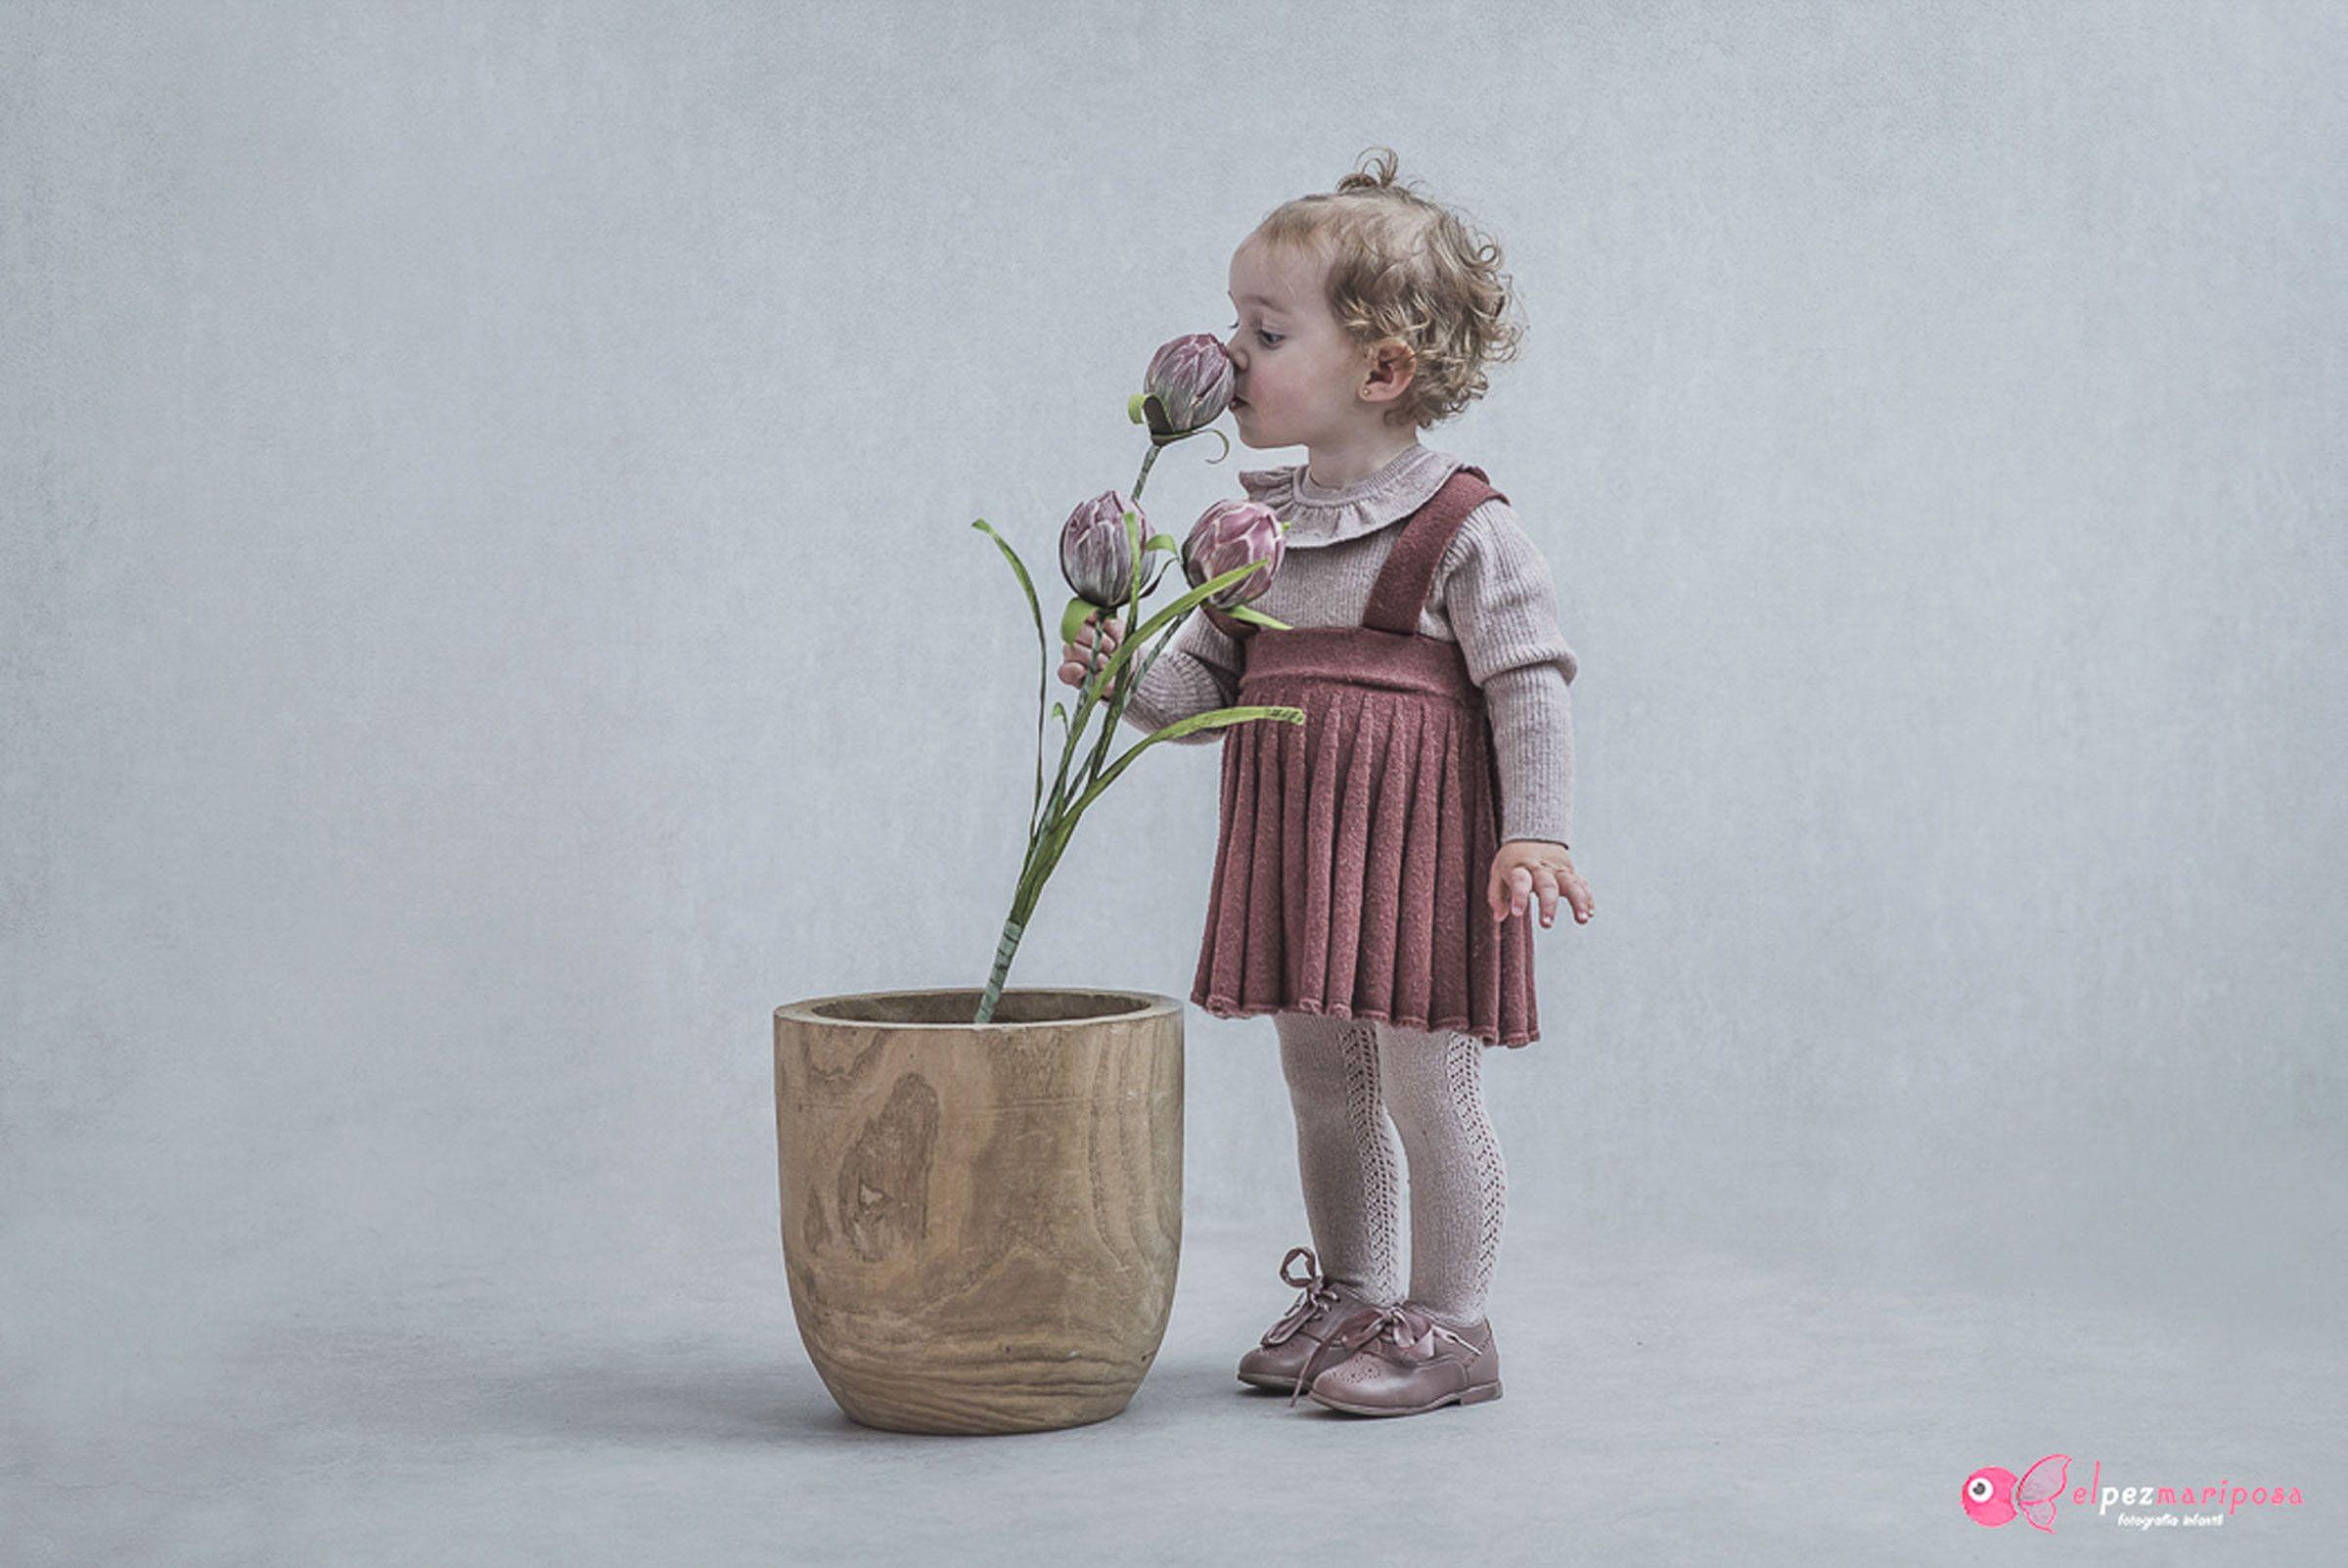 fotógrafo infantil Pamplona